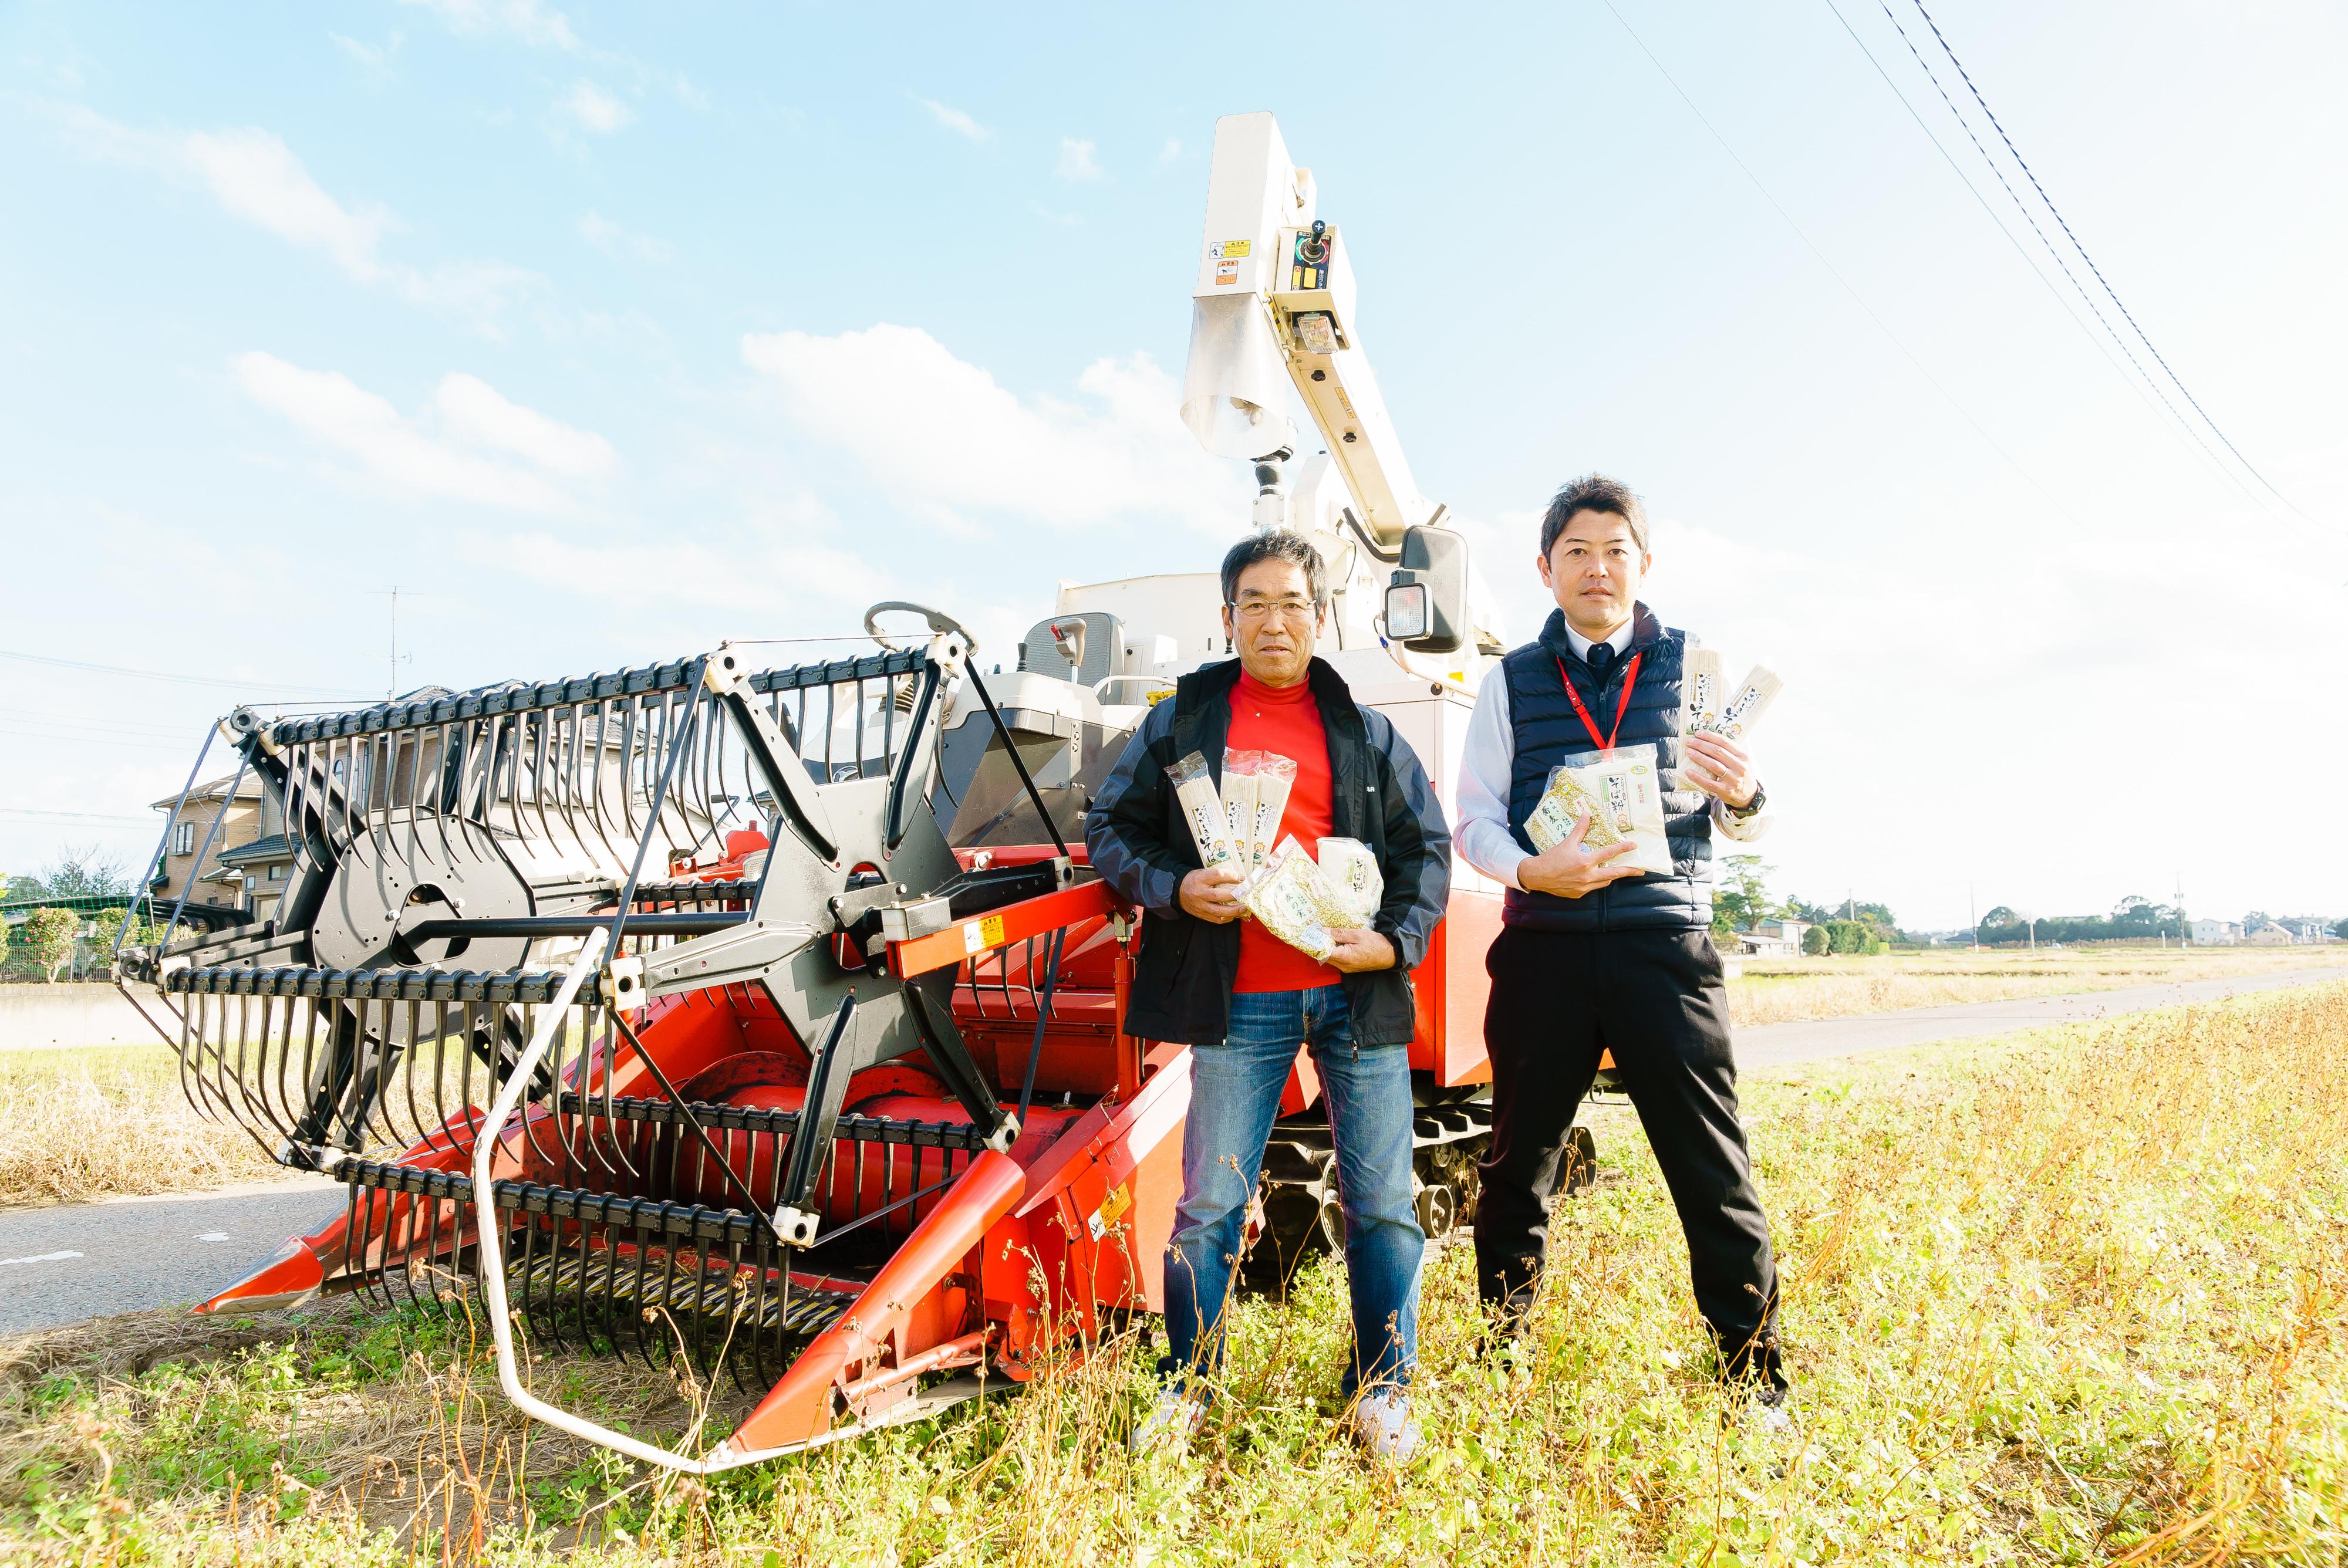 ながいき集落営農組合の木島敬二さん(左)と長生村産業課の木島政人さん(右)